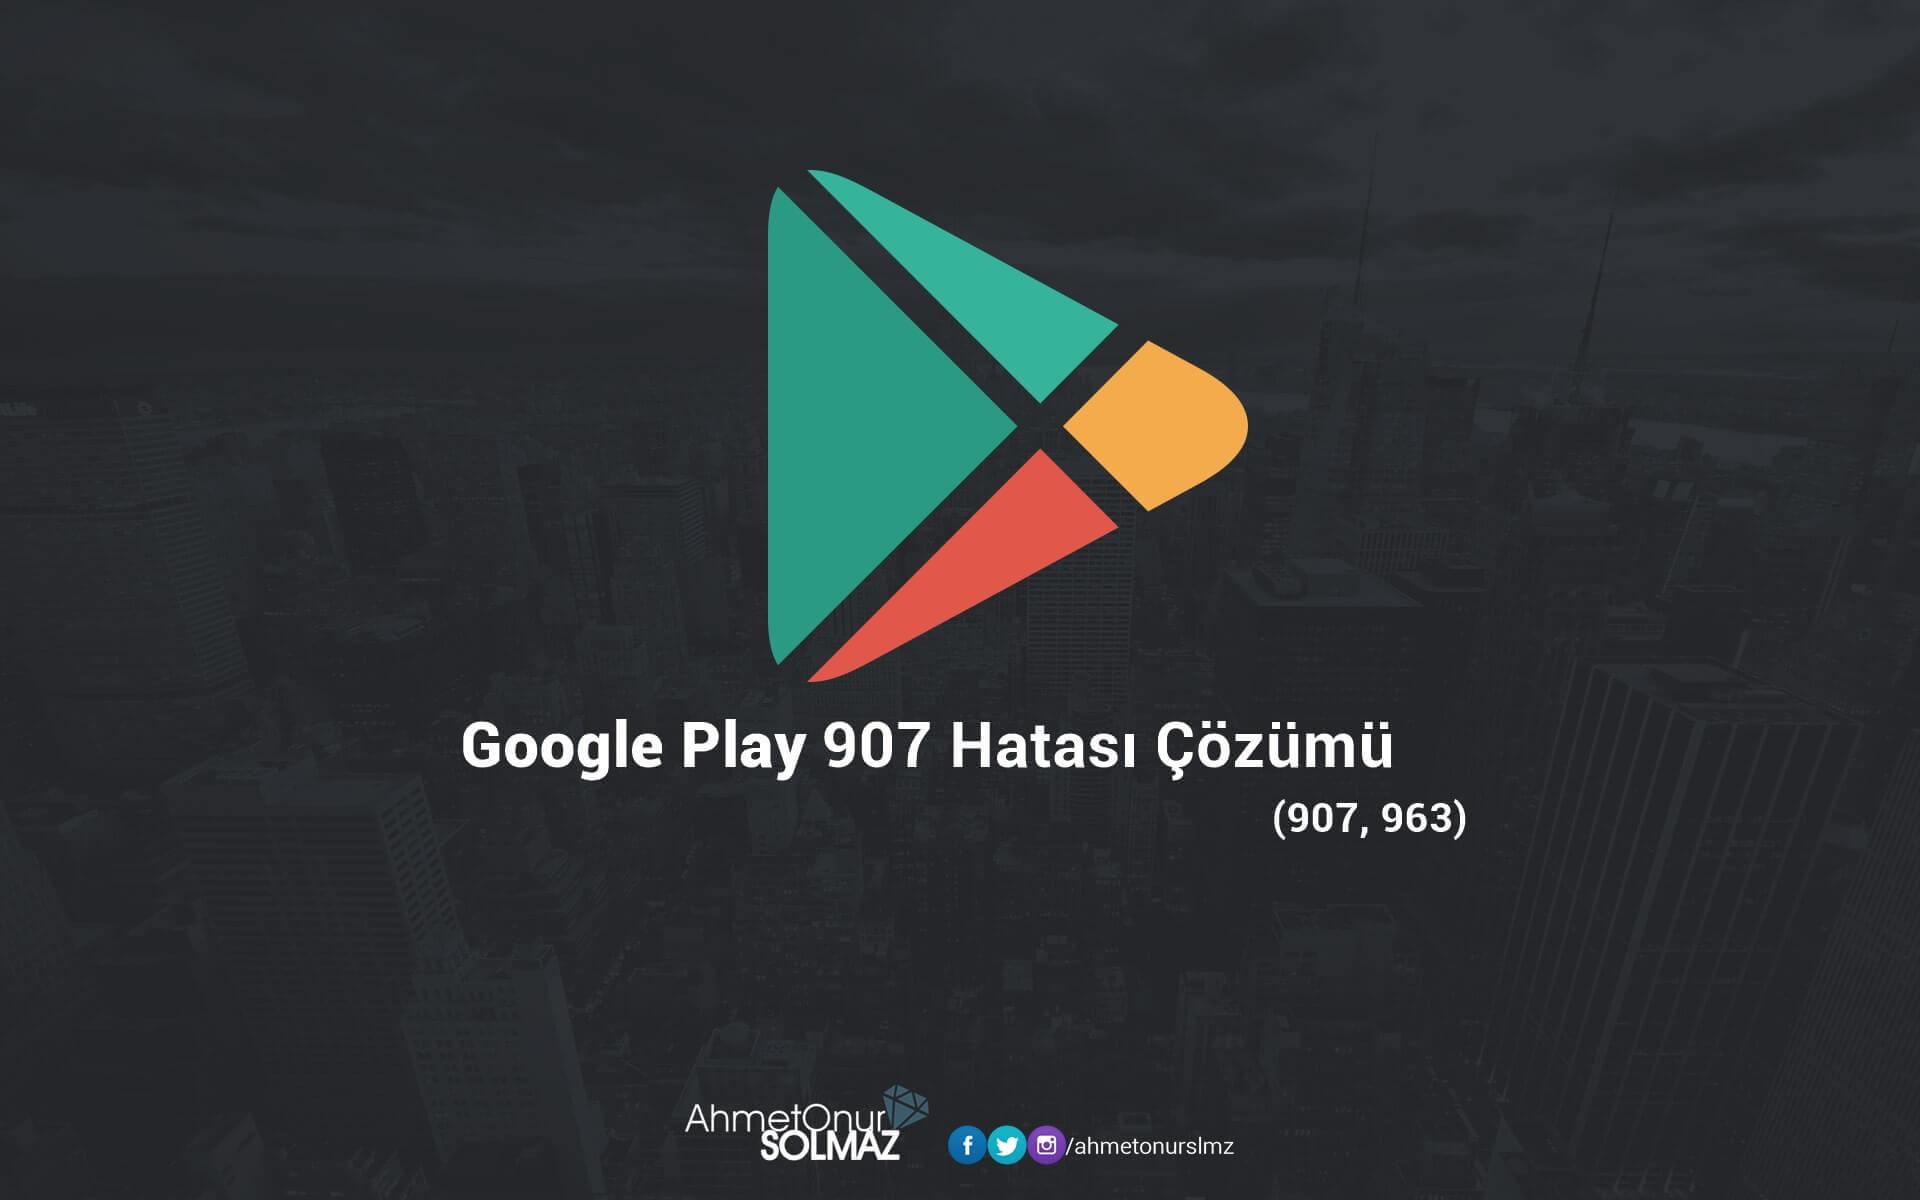 Google Play 907 Hatası Çözümü